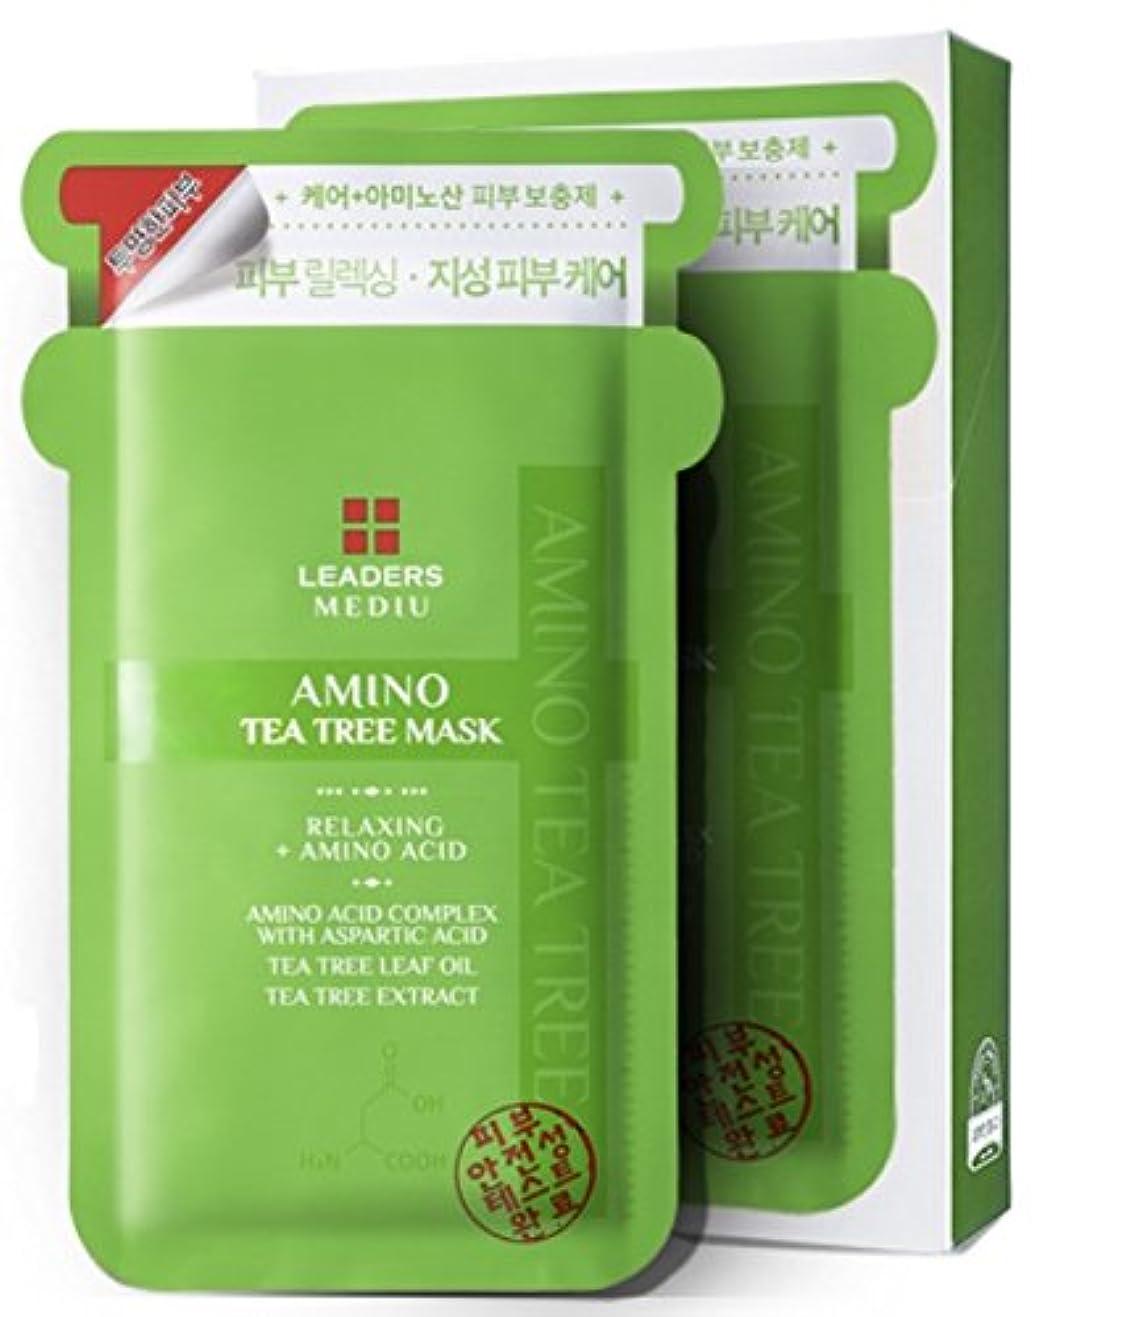 ダニ責任者書道[LEADERS] リーダーズメディ有アミノティーツリーマスク 25ml x10枚 (LEADERS MEDIU Amino Tea Tree Mask 25mlx10ea) [海外直送品]